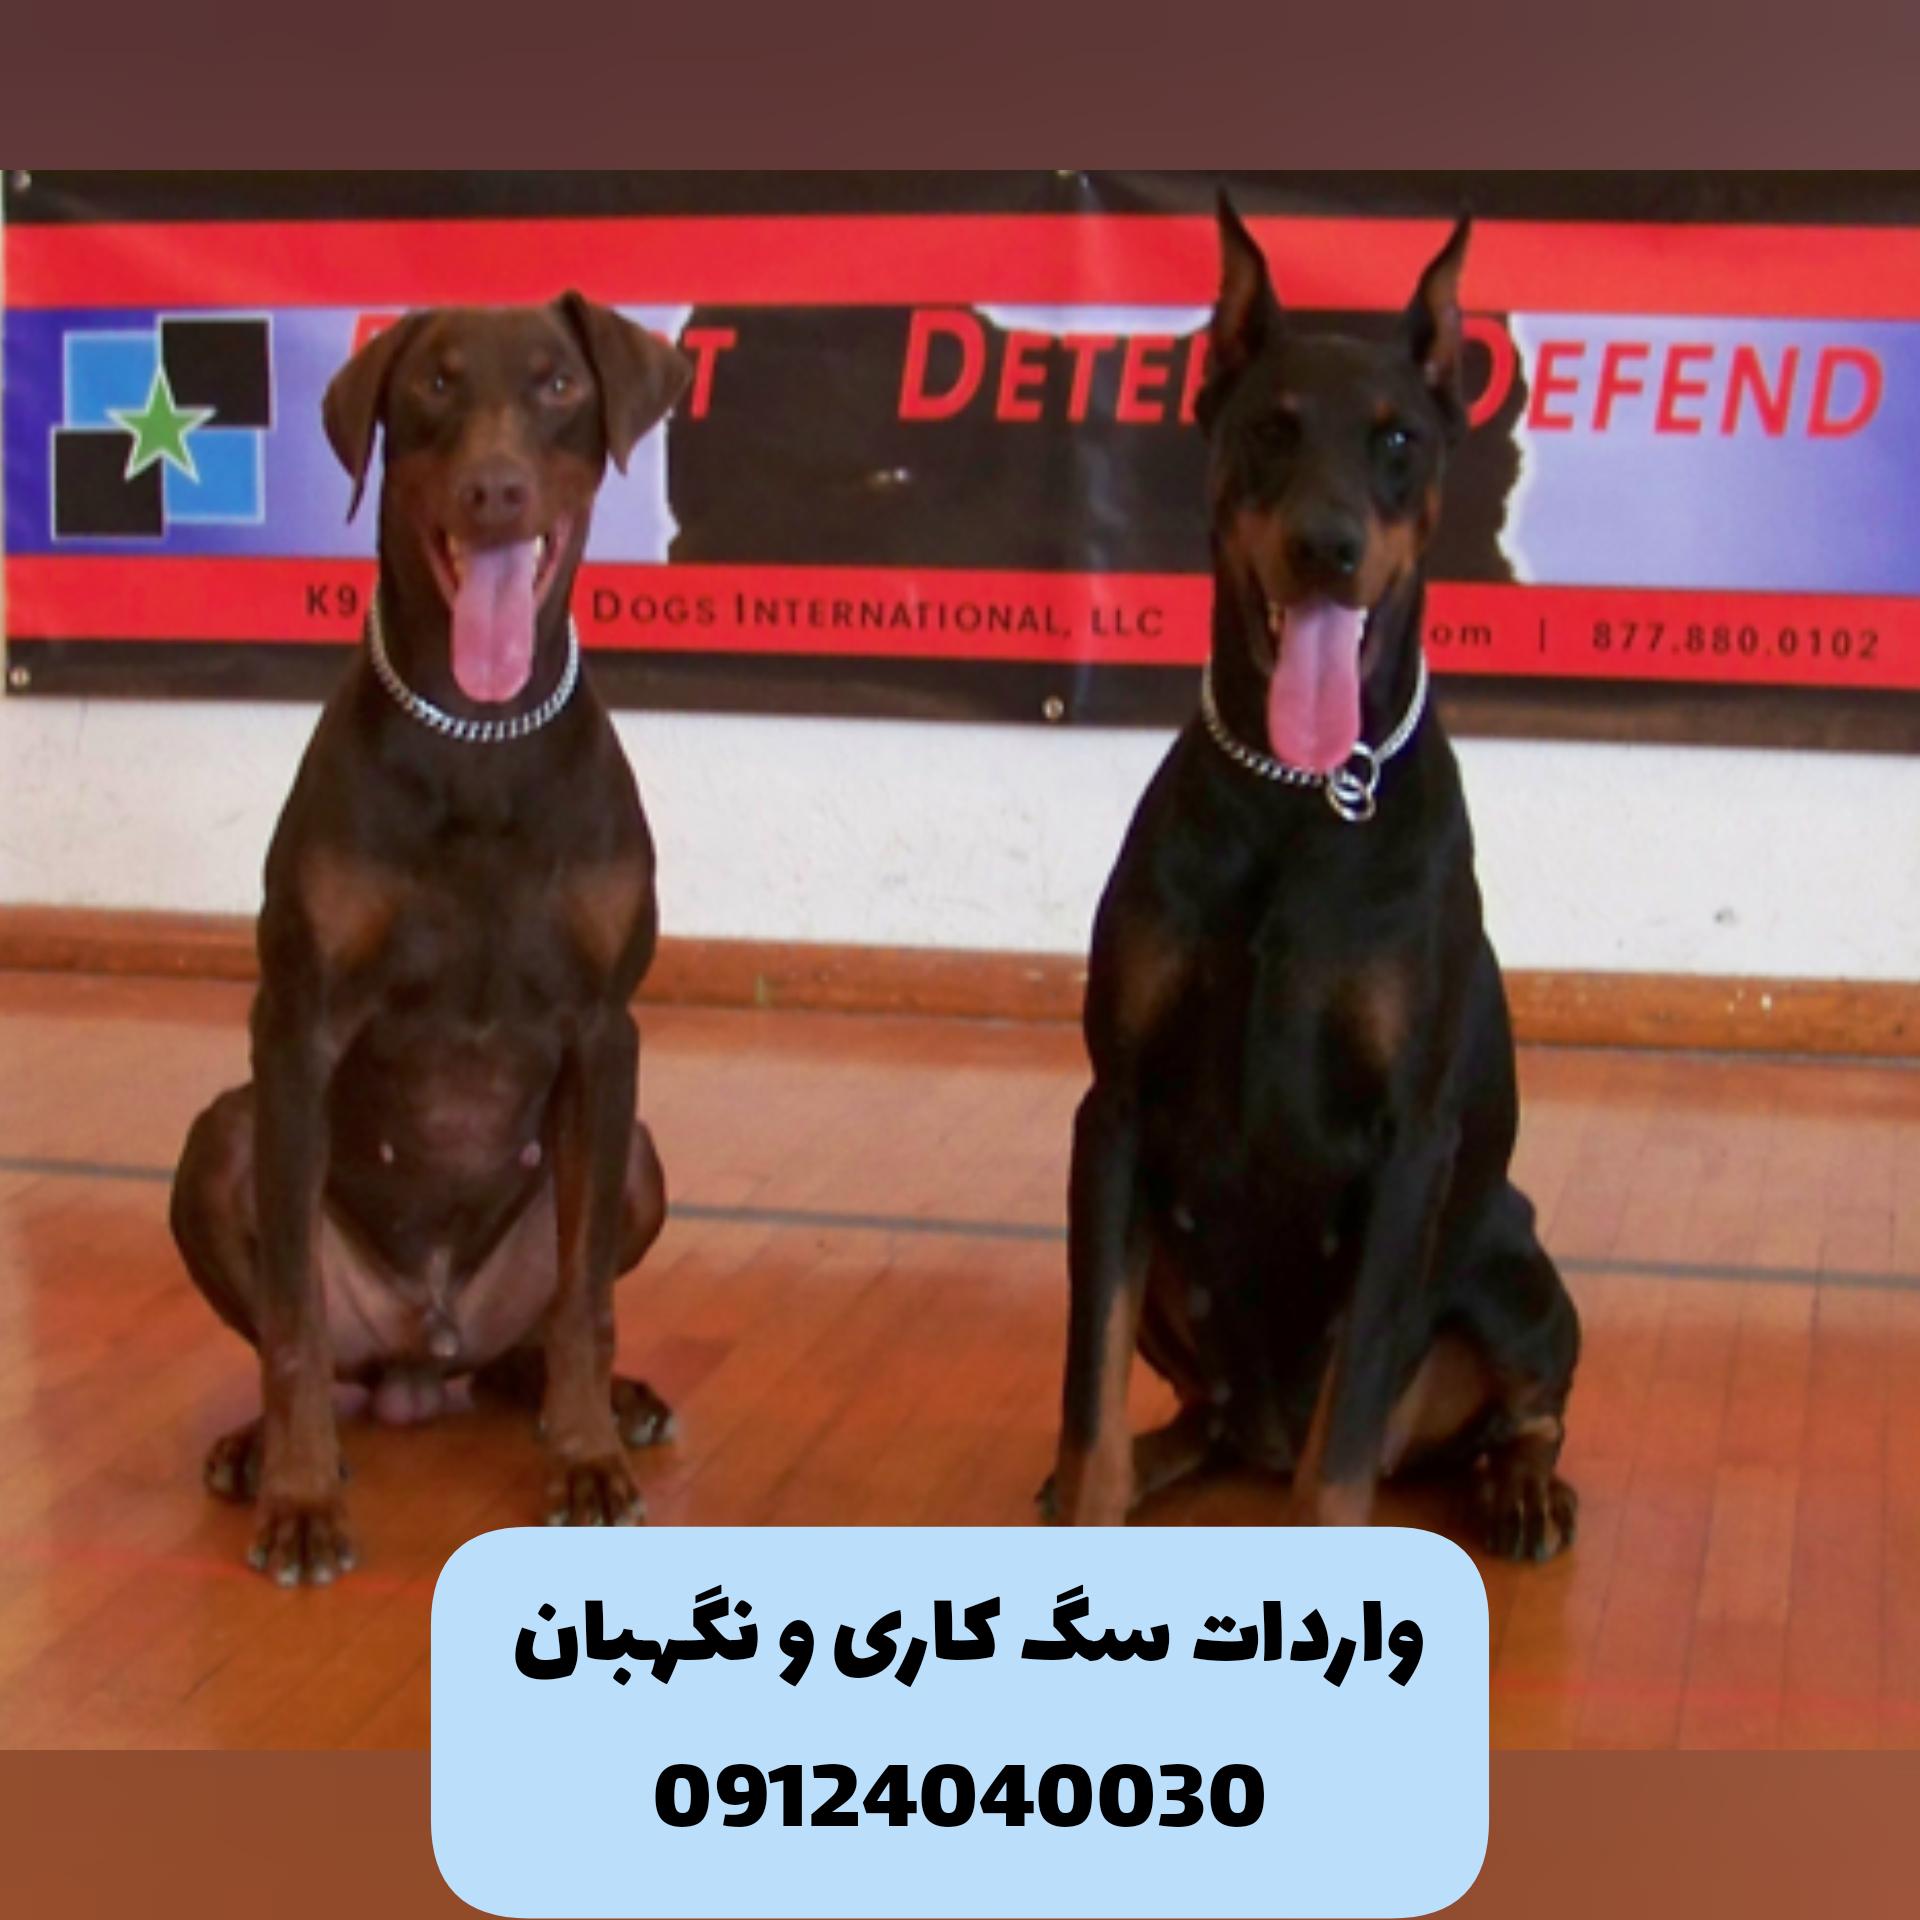 واردات سگ نگهبان از کشورهای اروپایی